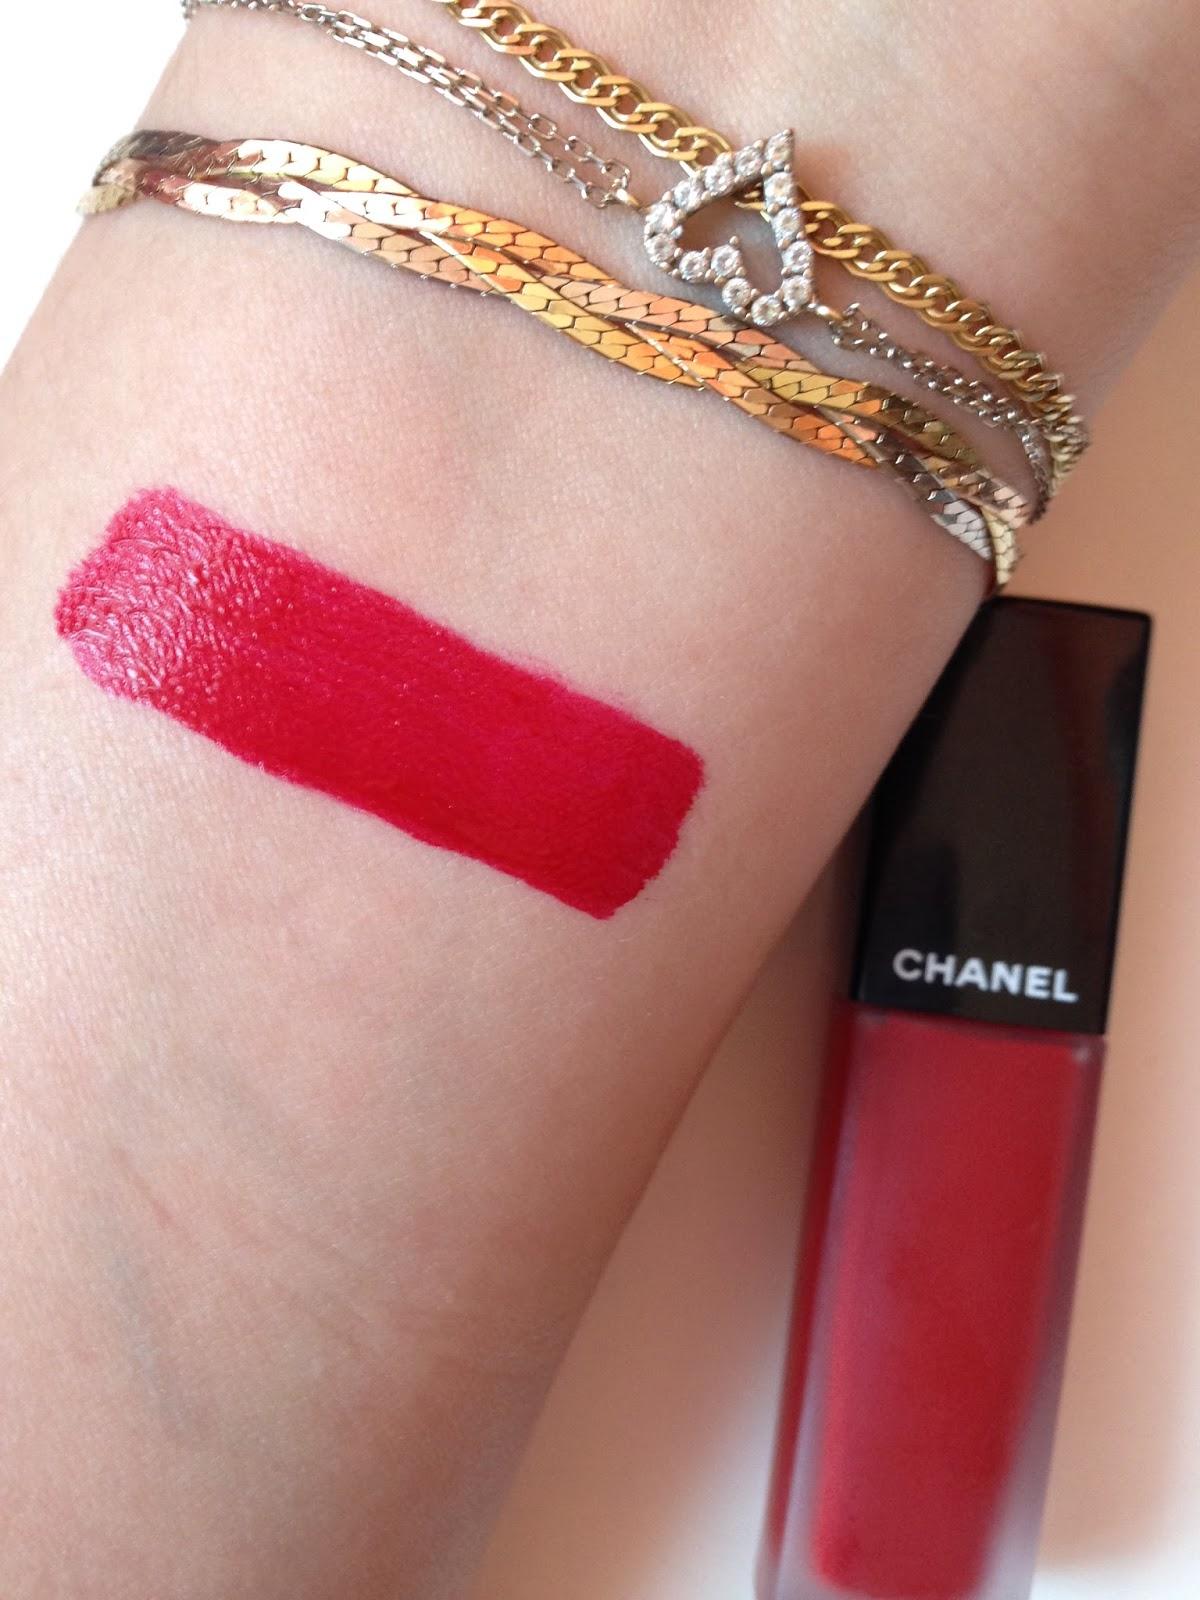 Rouge Allure Ink Matte Liquid Lip Colour by Chanel #12